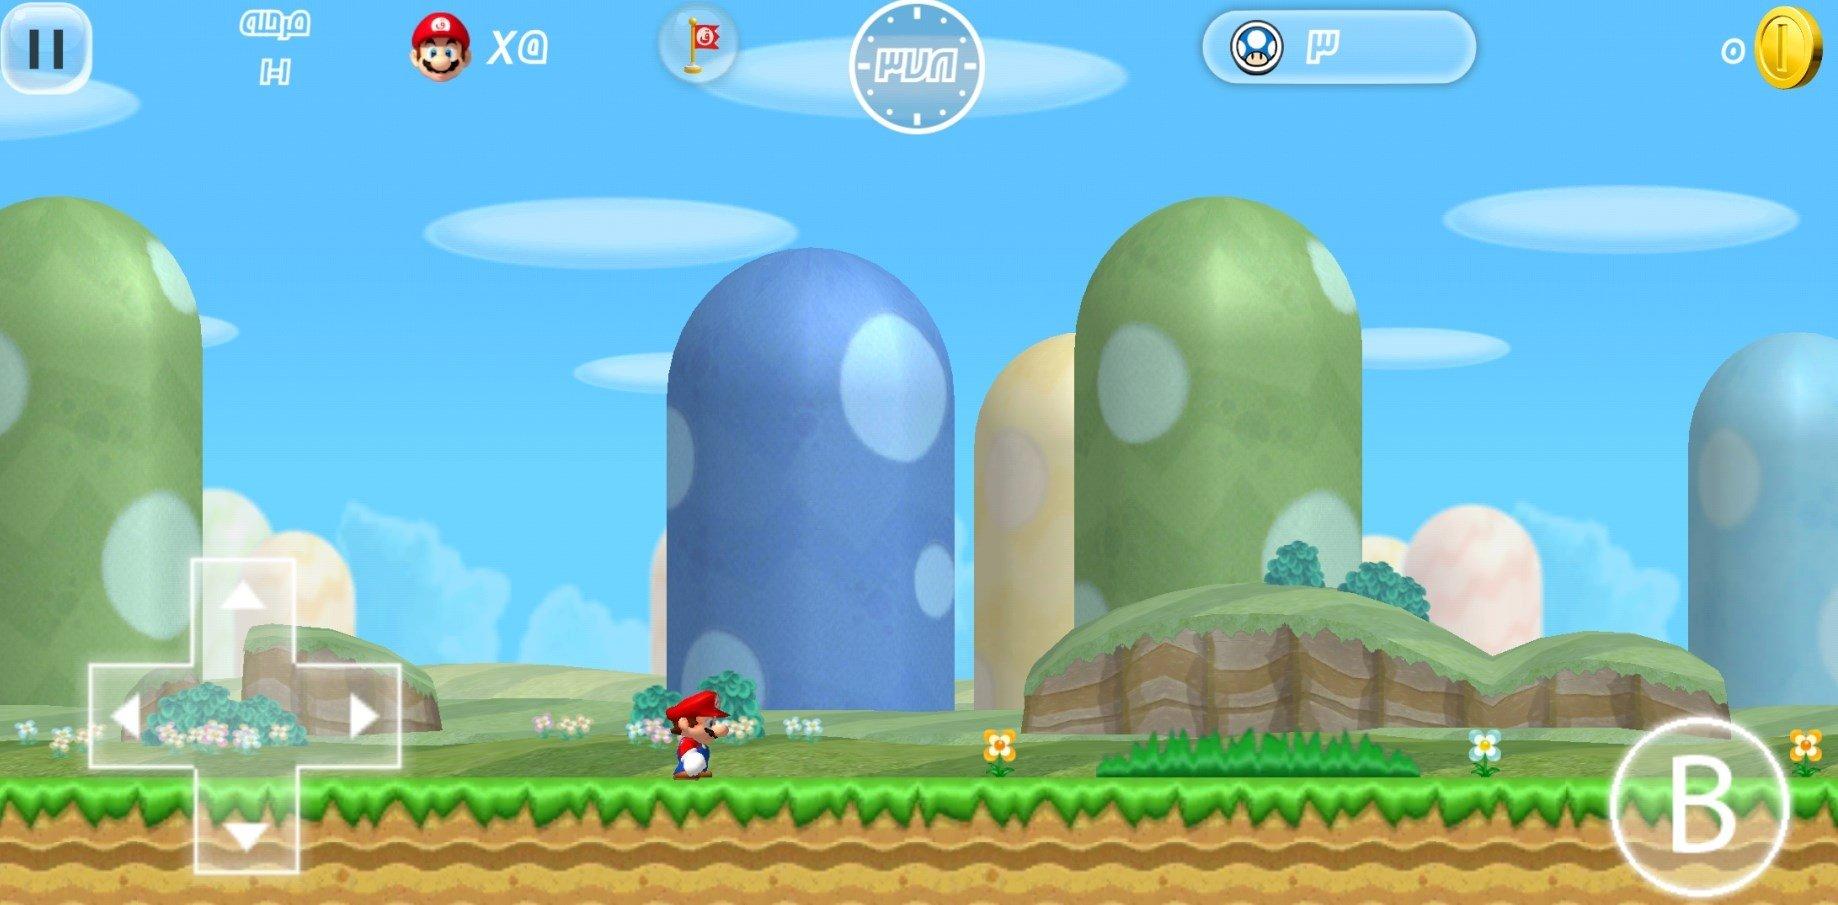 Como por dinheiro infinito no Super Mario 2 HD